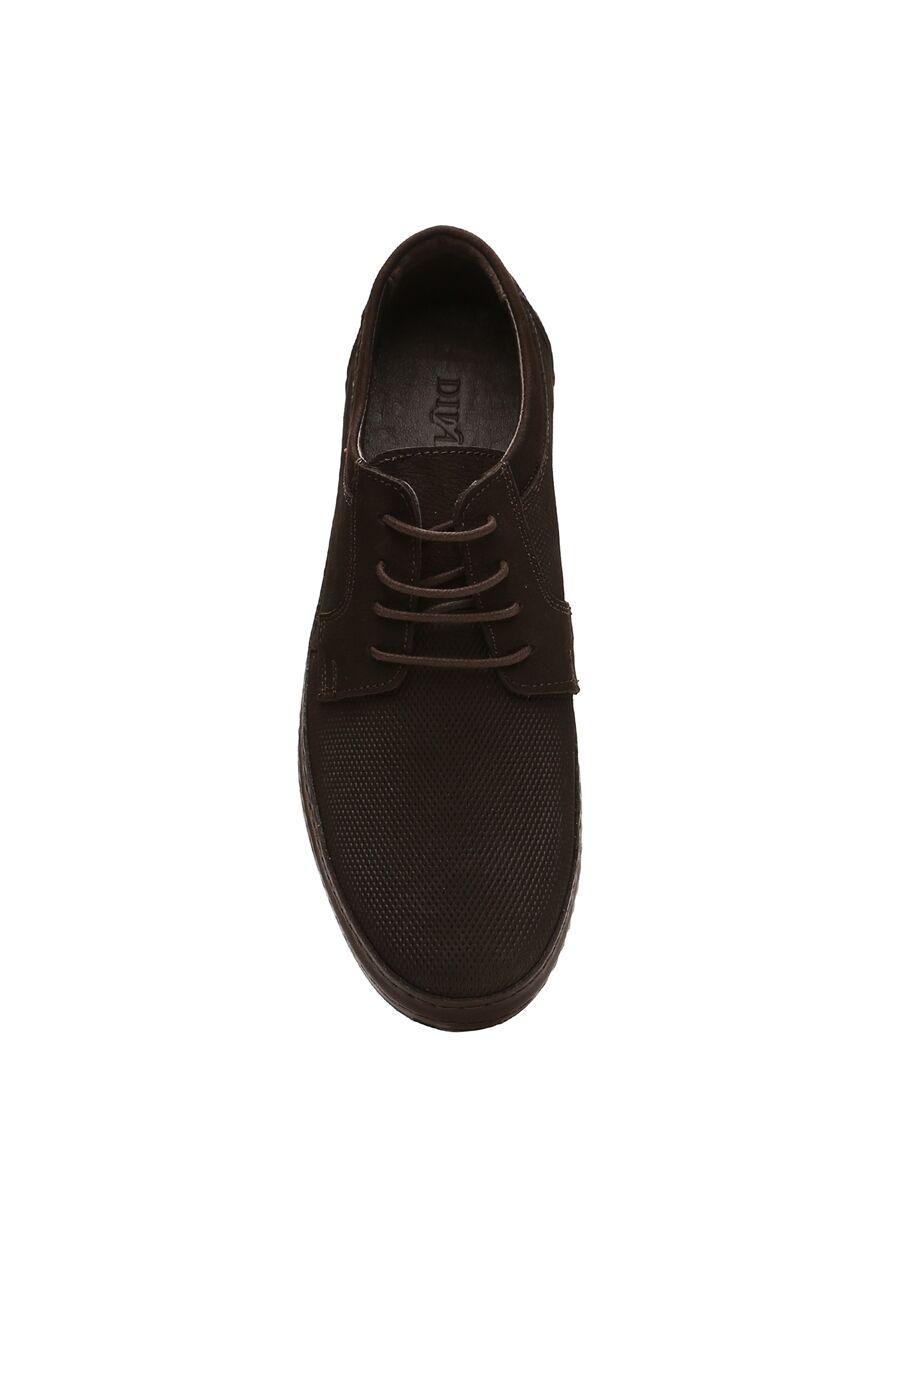 Kahverengi Nubuk Erkek Ayakkabı